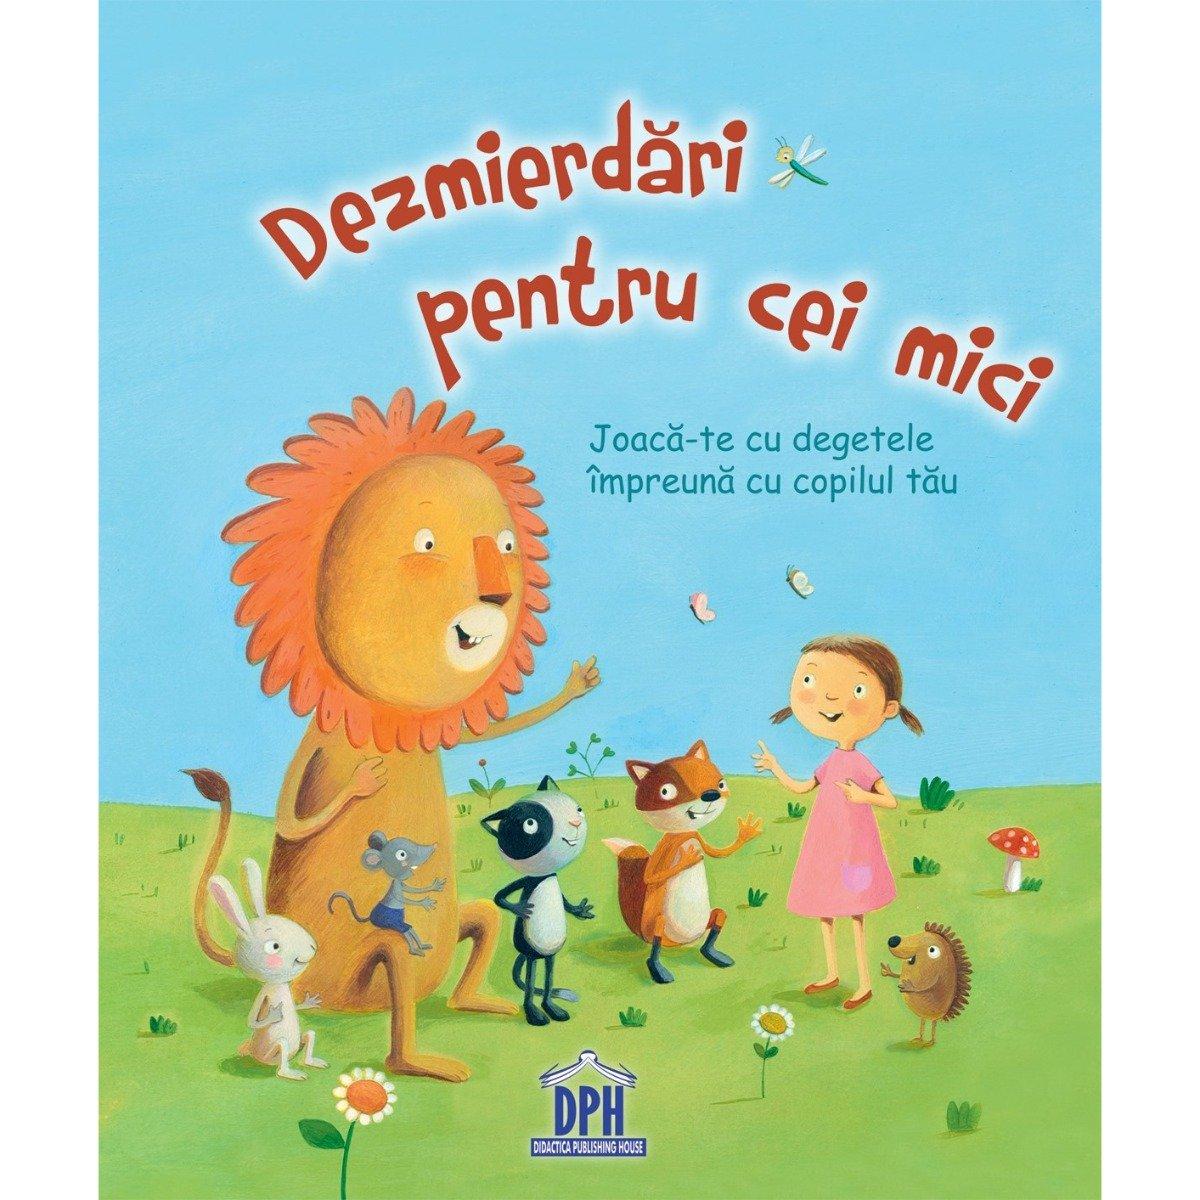 Dezmierdari pentru cei mici - jocuri cu degete, Editura DPH